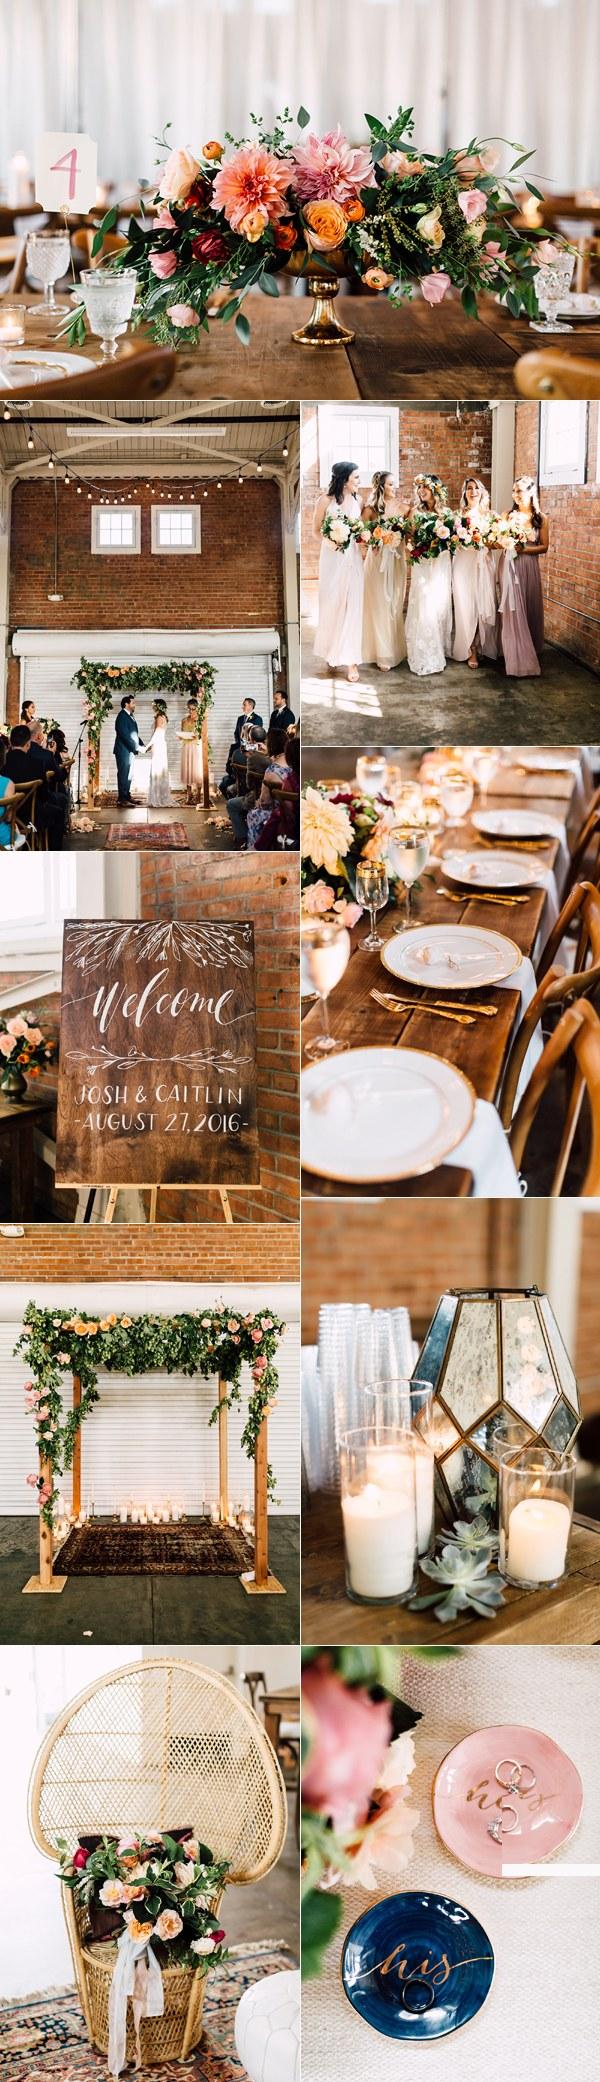 Rustic industrial wedding theme ideas